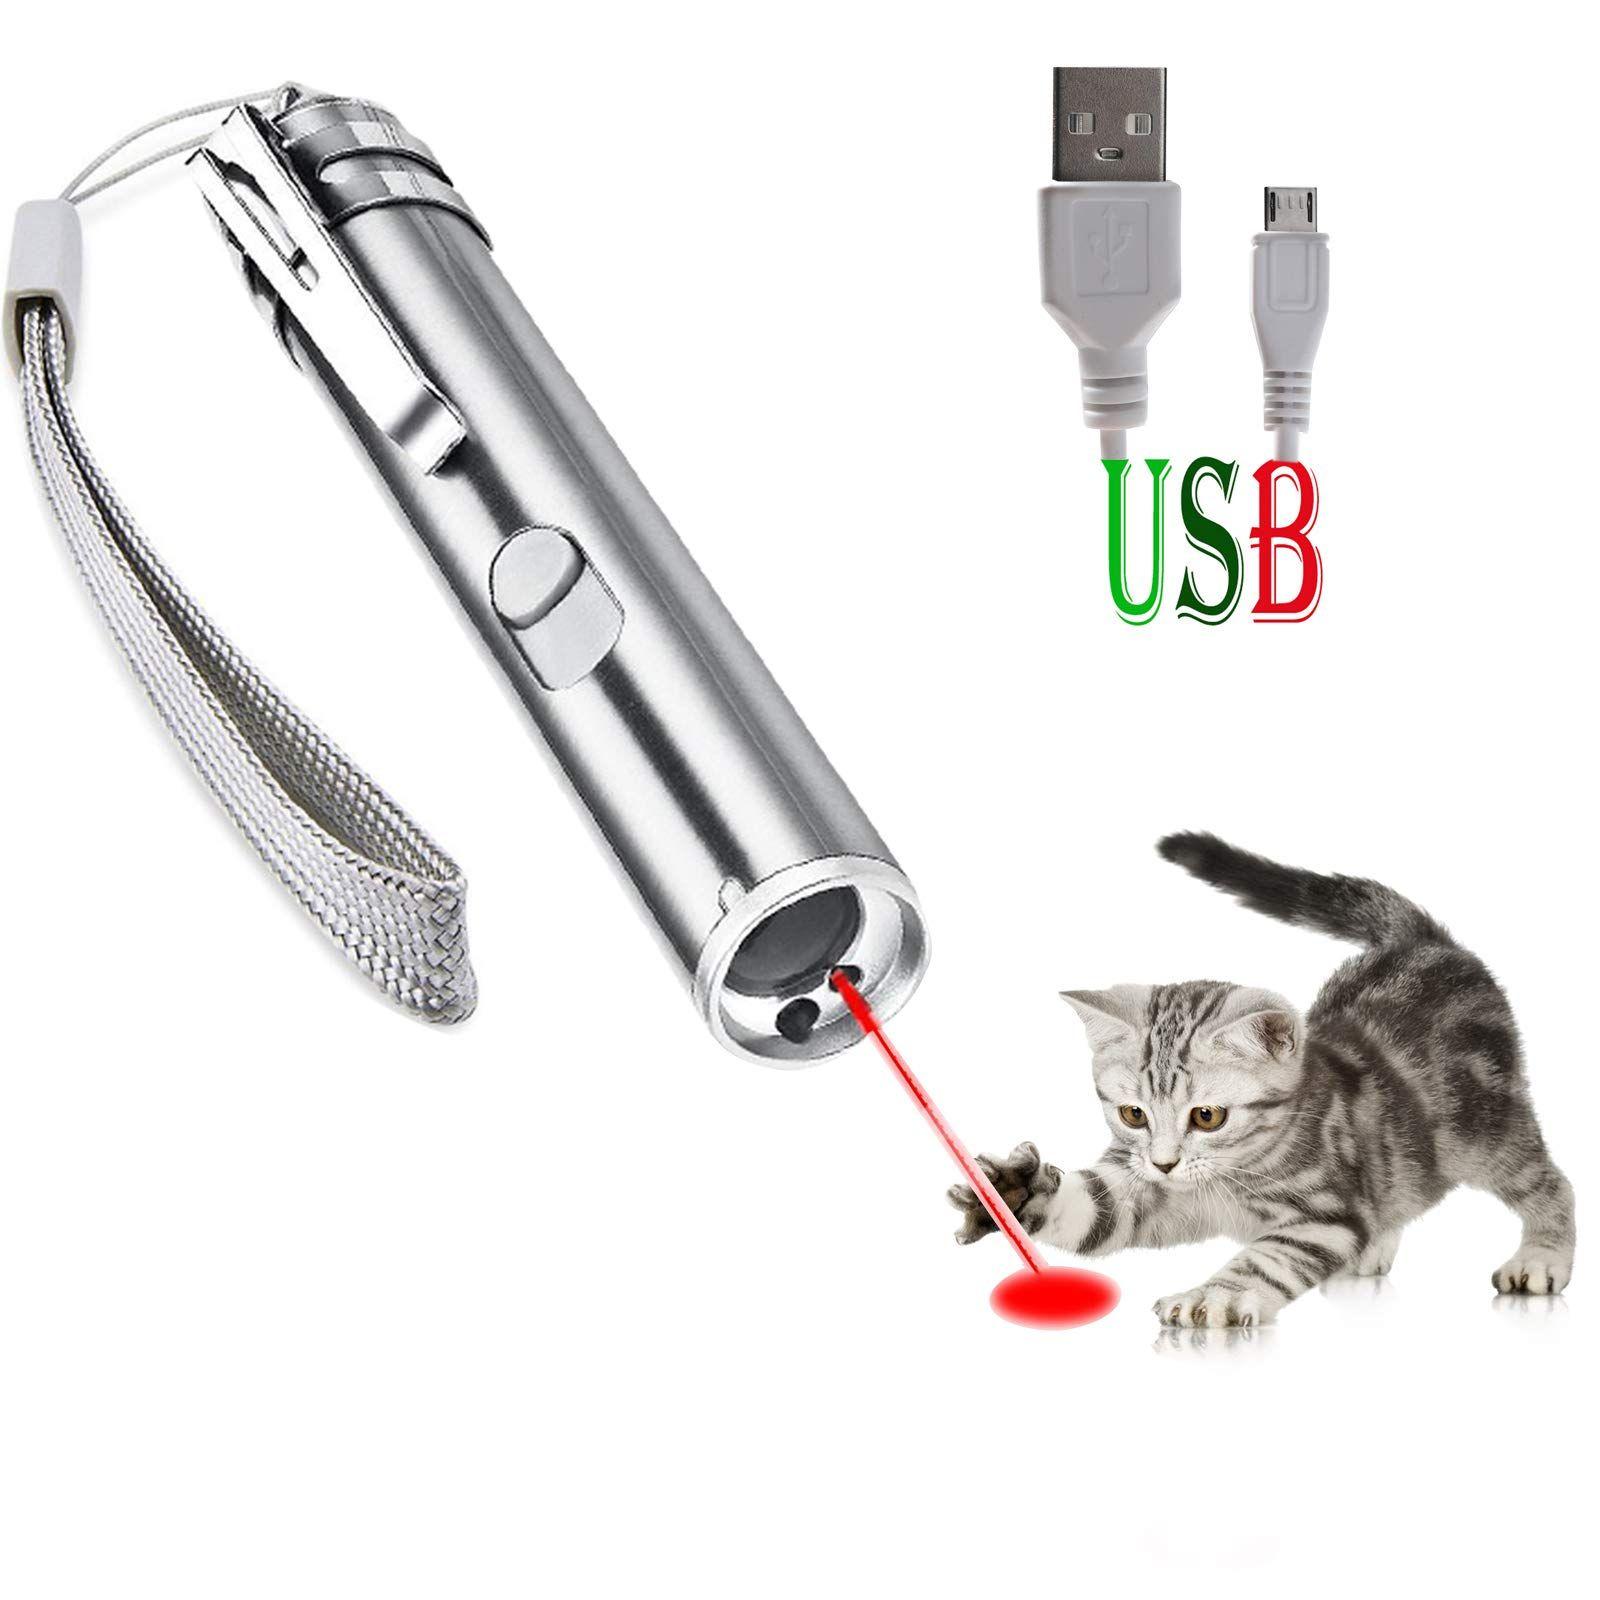 Cats Essential In 2020 Cat Essentials Interactive Cat Toys Cat Pet Supplies